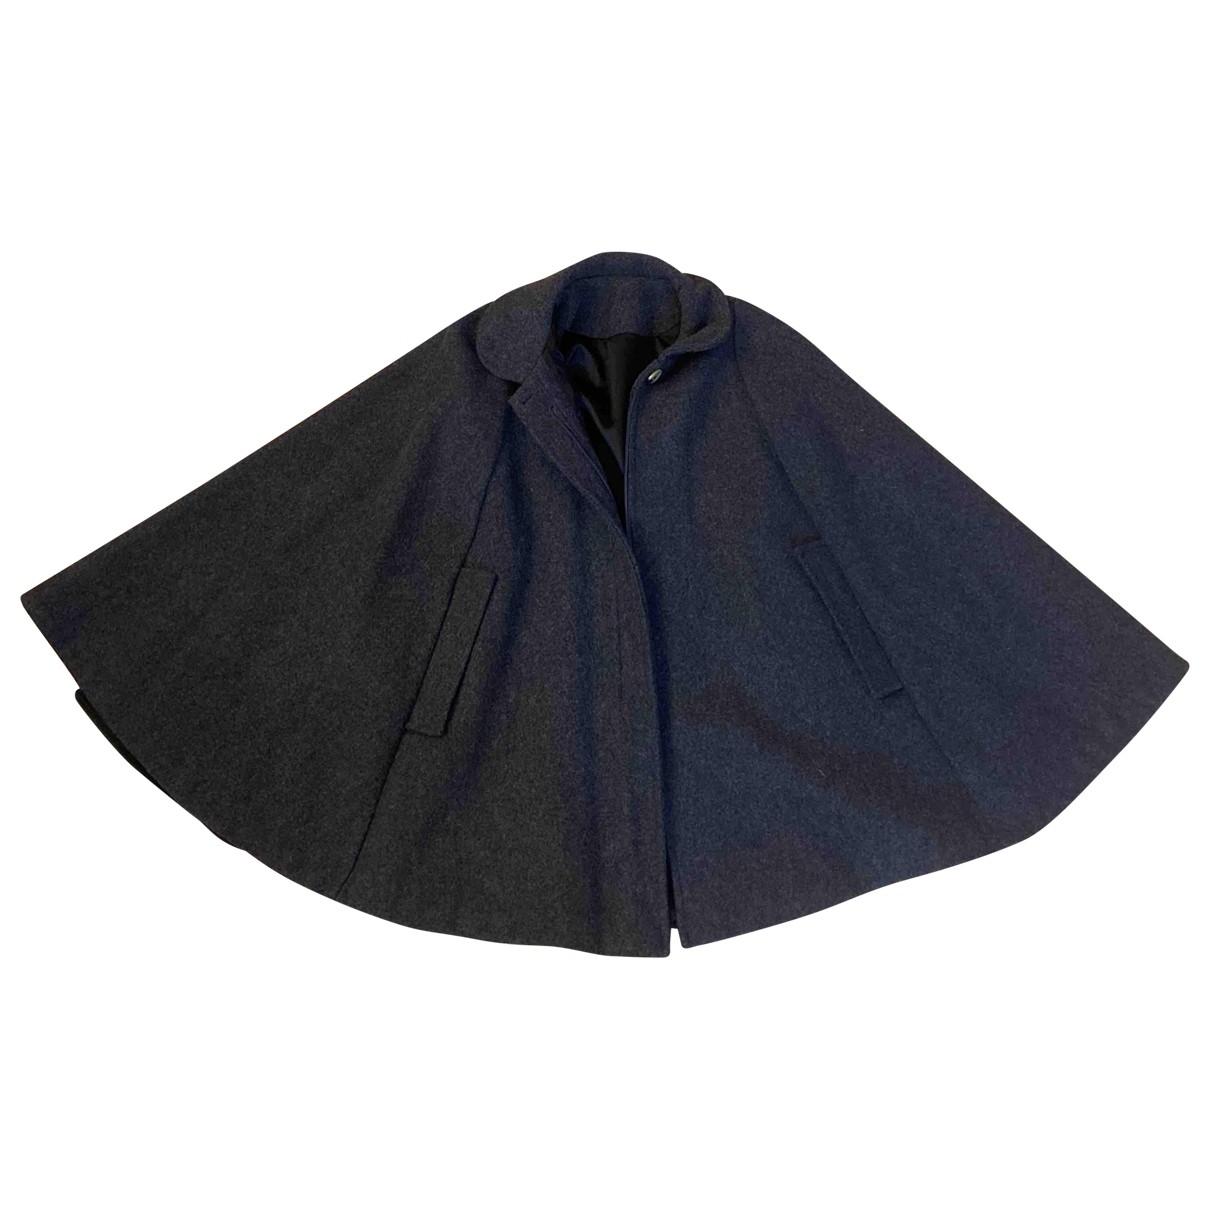 American Apparel - Manteau   pour femme - gris